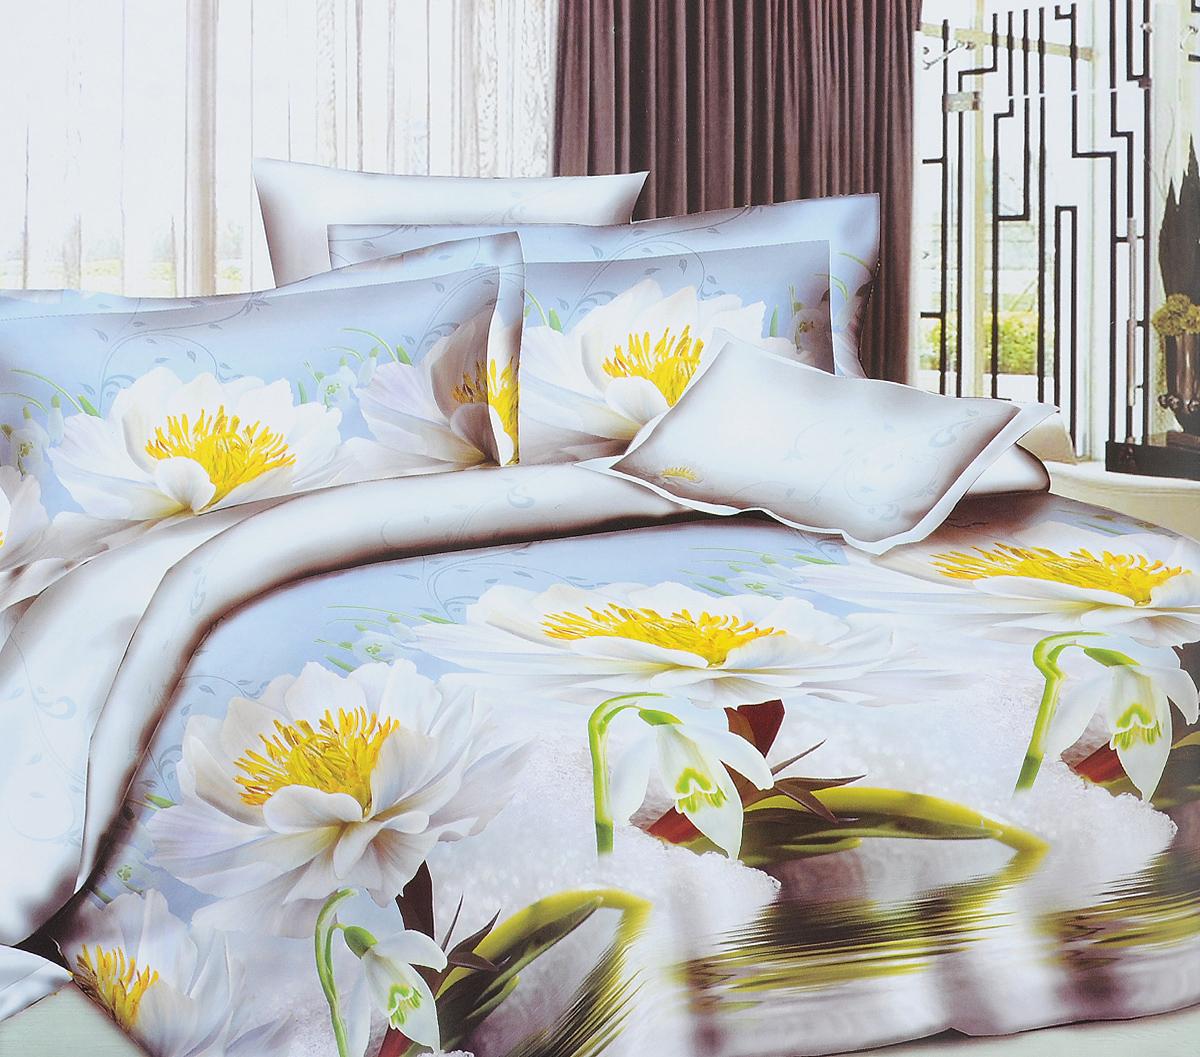 Комплект белья ЭГО Лето, 1,5-спальный, наволочки 70x70Э-2033-01Комплект постельного белья ЭГО Лето выполнен из полисатина (50% хлопка, 50% полиэстера). Комплект состоит из пододеяльника, простыни и двух наволочек. Постельное белье, оформленное цветочным принтом, имеет изысканный внешний вид и яркую цветовую гамму. Наволочки застегиваются на клапаны. Гладкая структура делает ткань приятной на ощупь, мягкой и нежной, при этом она прочная и хорошо сохраняет форму. Ткань легко гладится, не линяет и не садится. Благодаря такому комплекту постельного белья вы сможете создать атмосферу роскоши и романтики в вашей спальне.